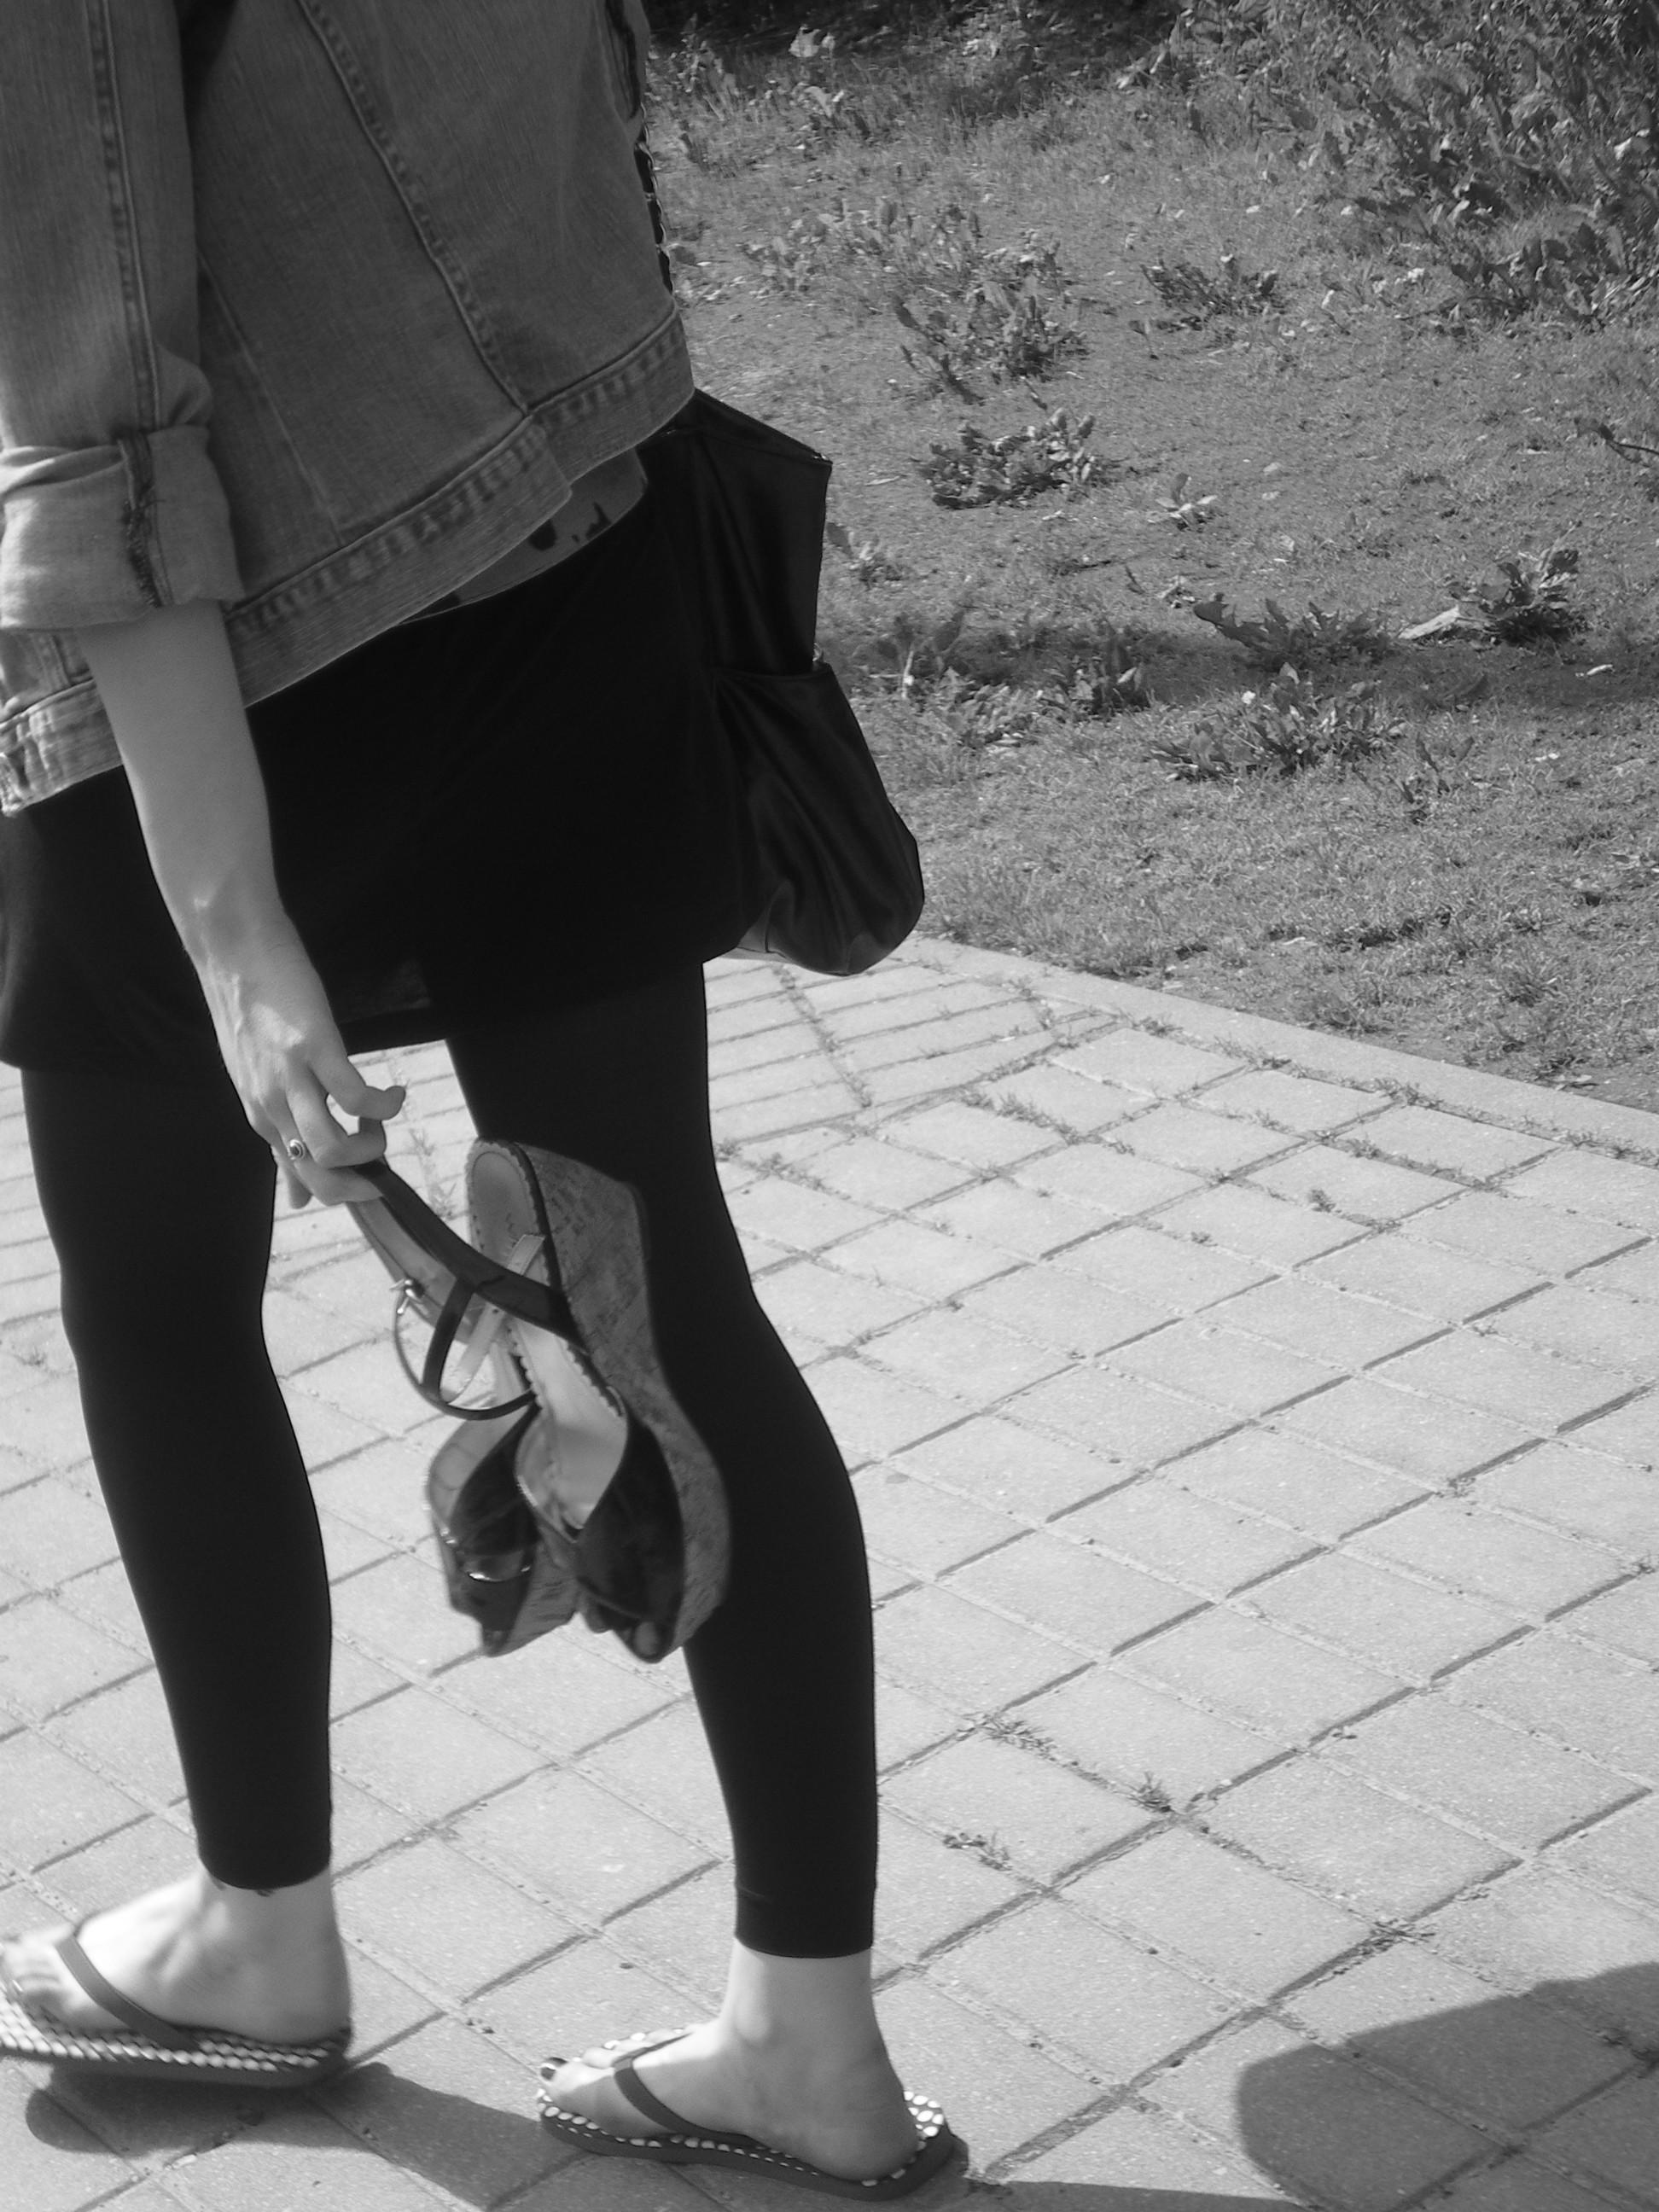 Einam pasivaikščiot. Su kava. Ir patogiais batais. Goštauto gatve.